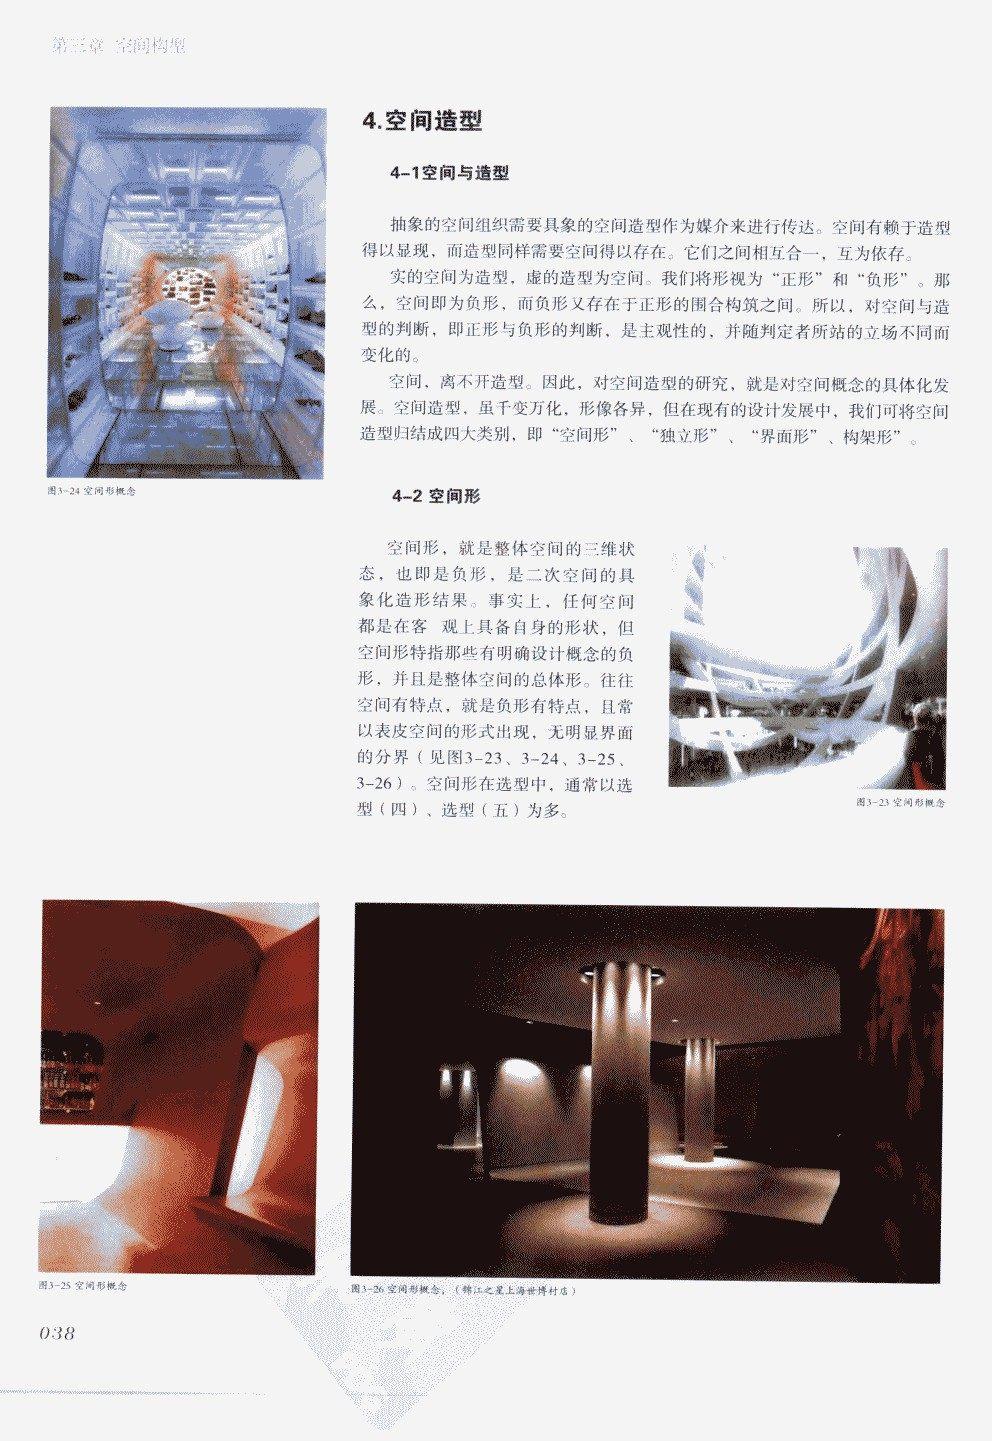 室内设计纲要++概念思考与过程表达_室内设计纲要  概念思考与过程表达_1297982..._页面_046.jpg